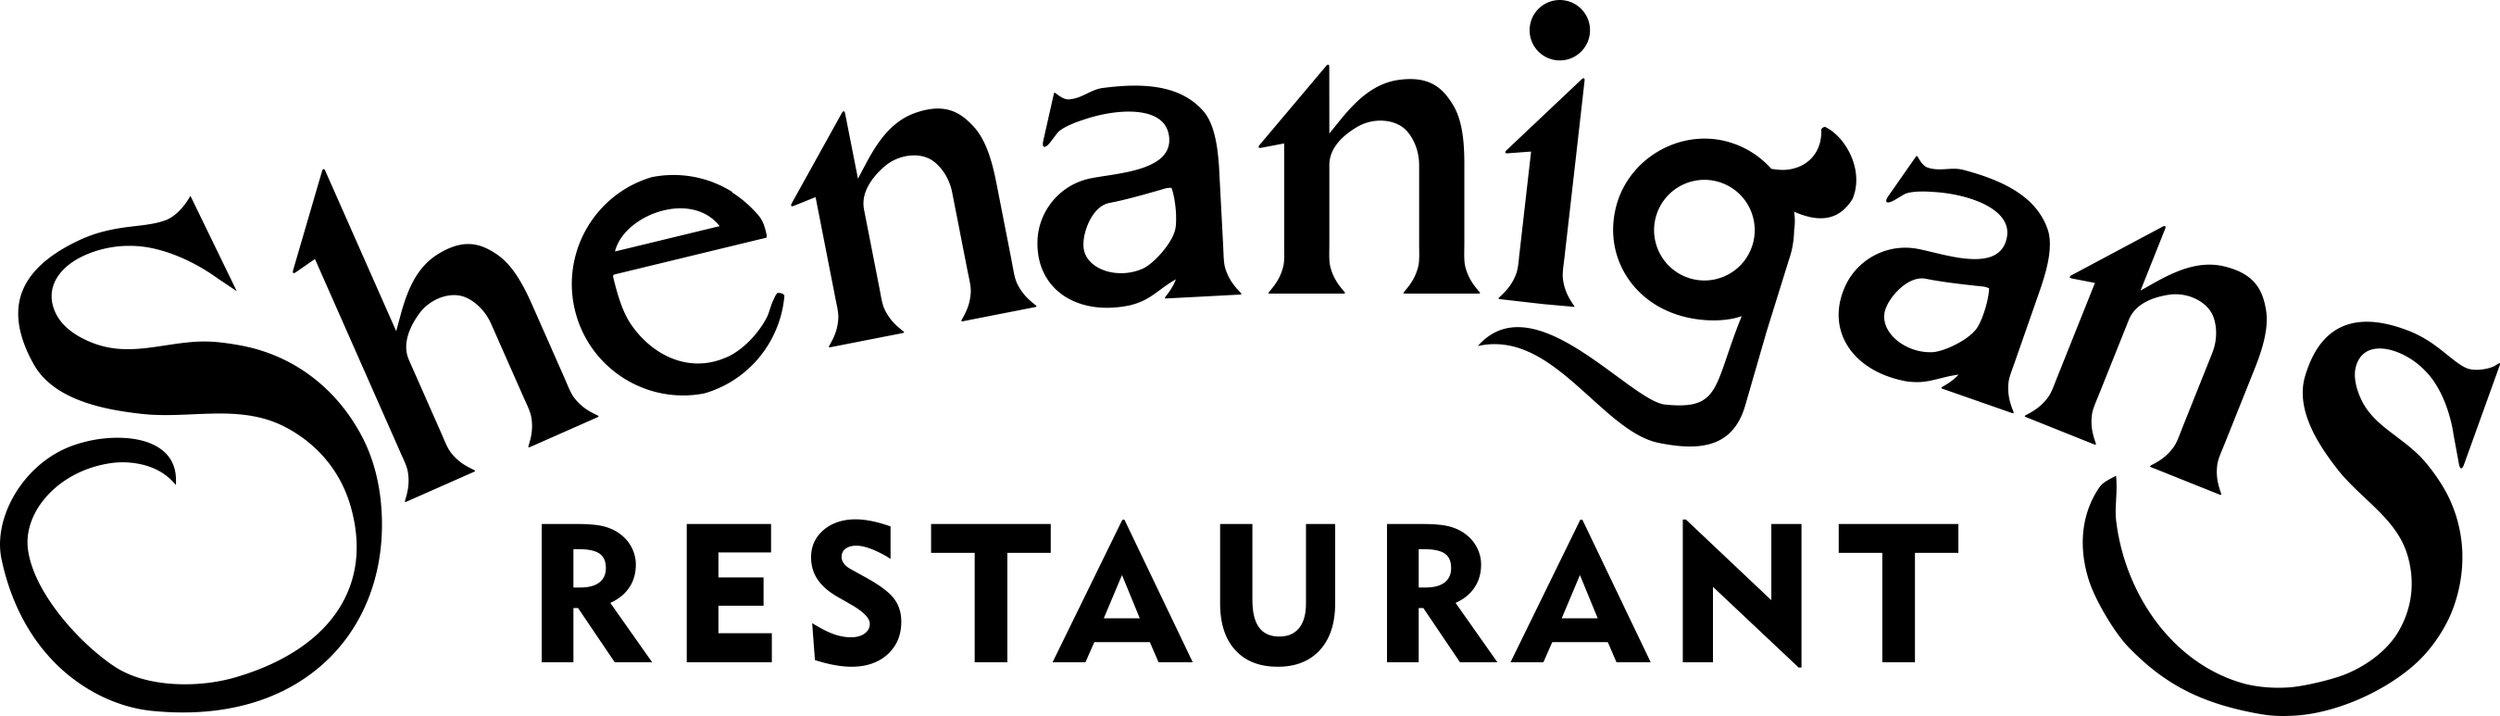 Shenanigans Logo - NEW.jpg